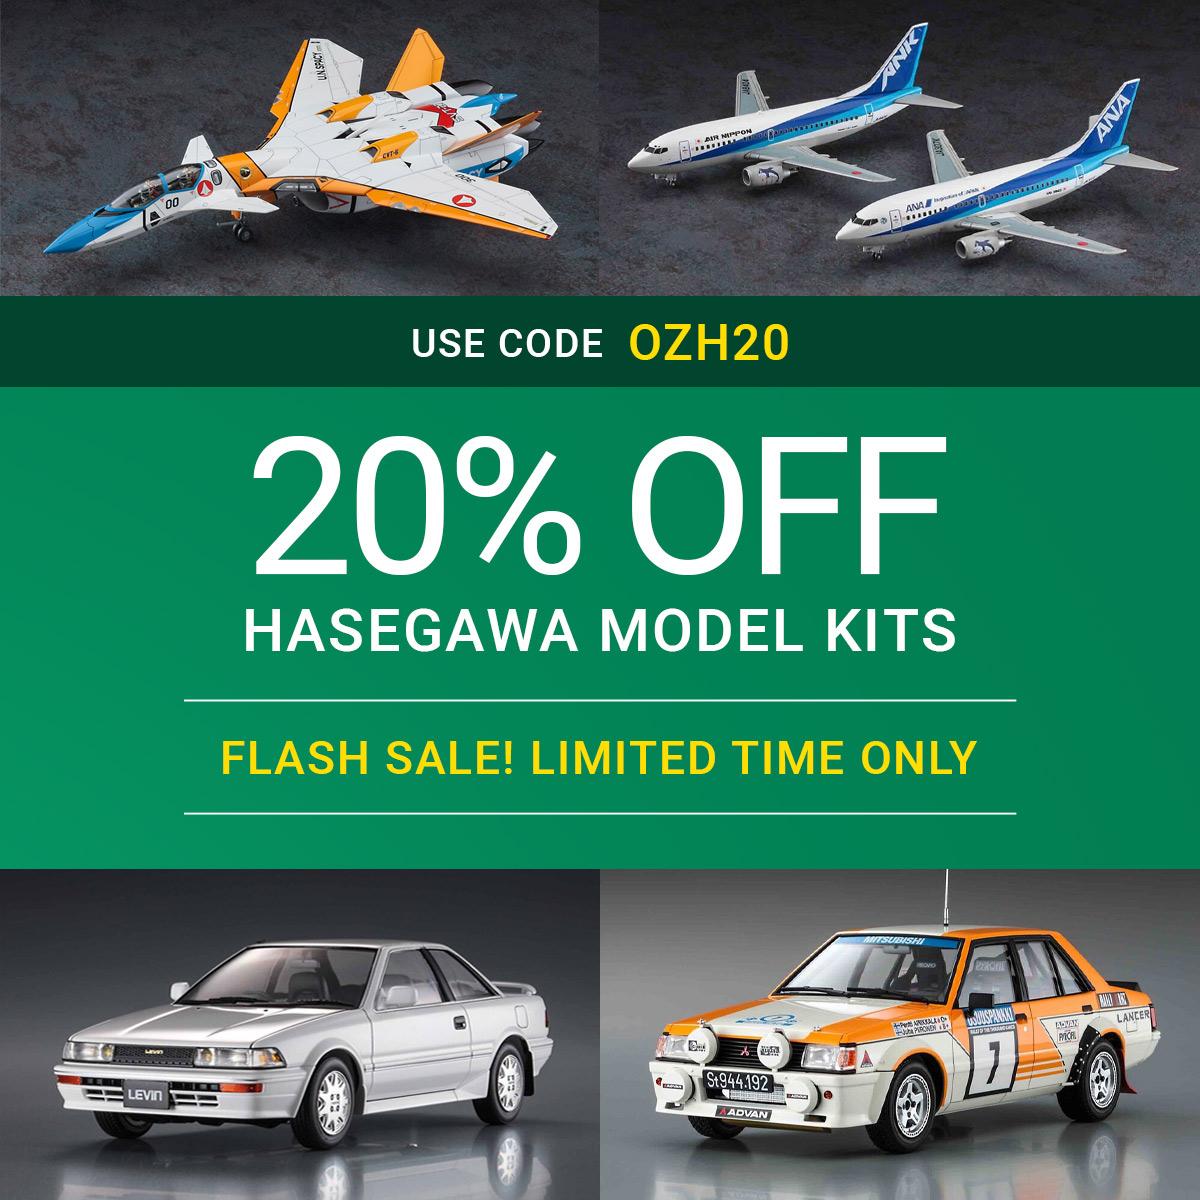 Hasegawa Model Kits Australia